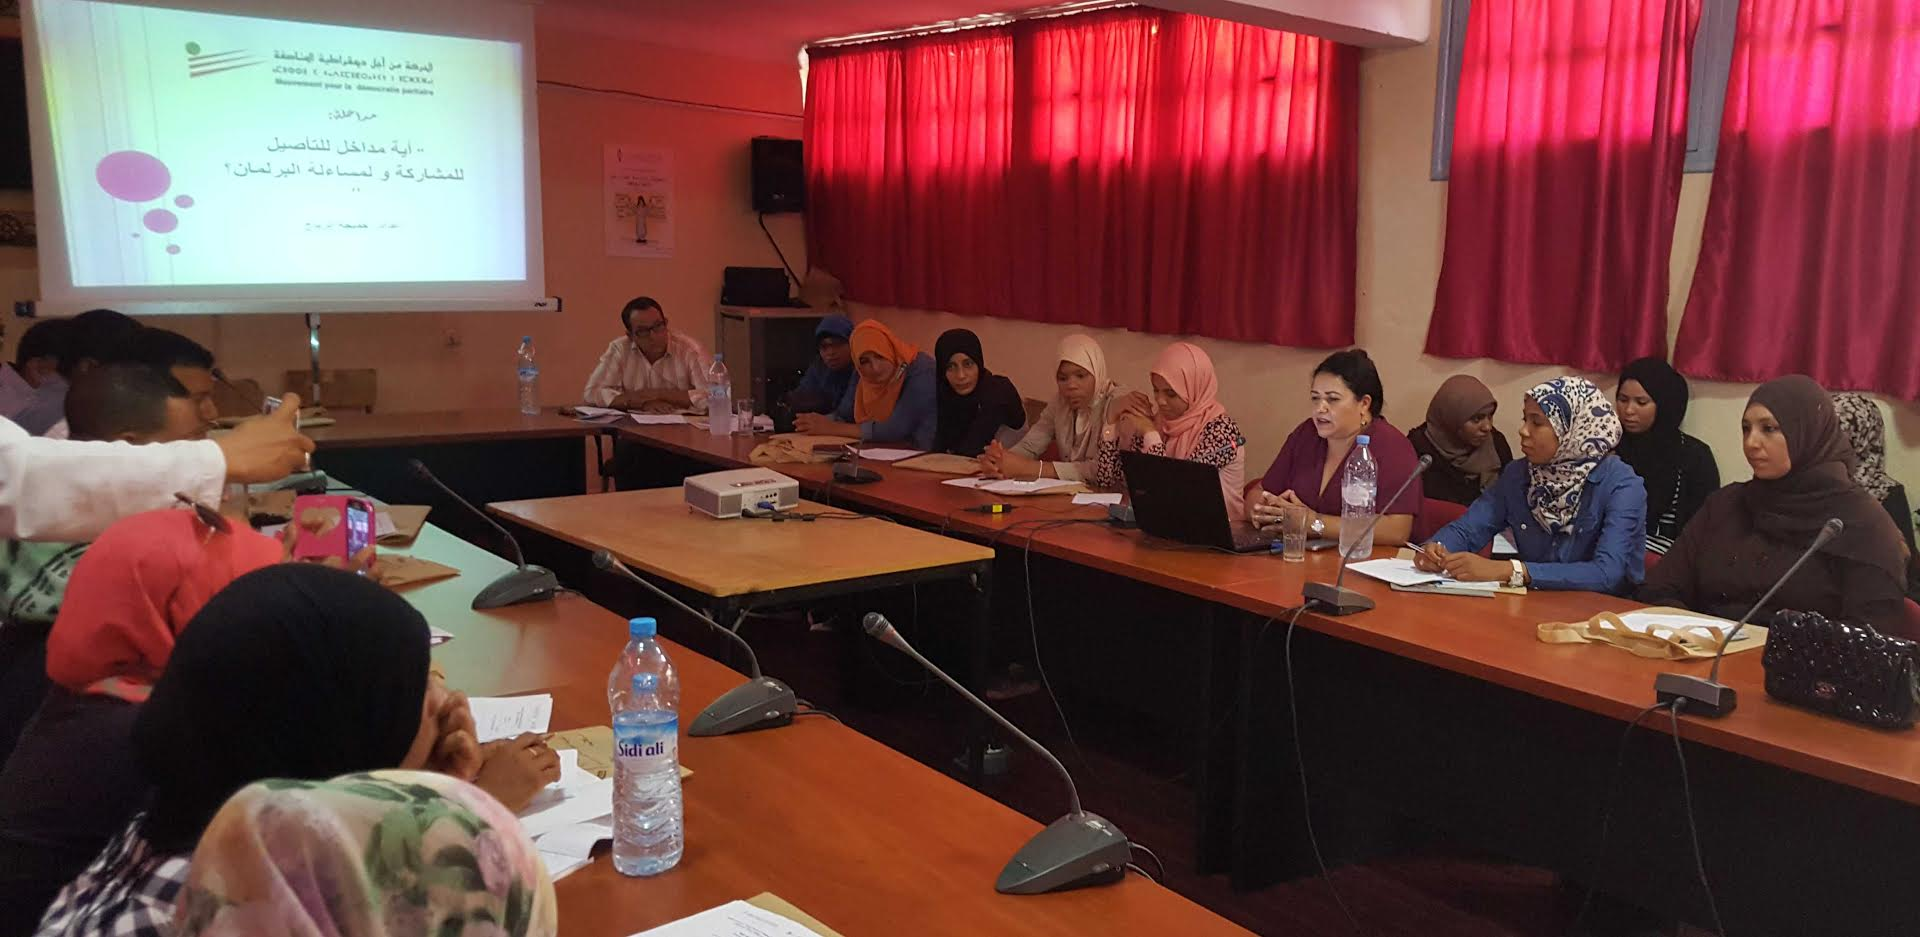 قافلة جهوية من أجل الرفع من تمثيلية و مشاركة النساء في العمل السياسي-3